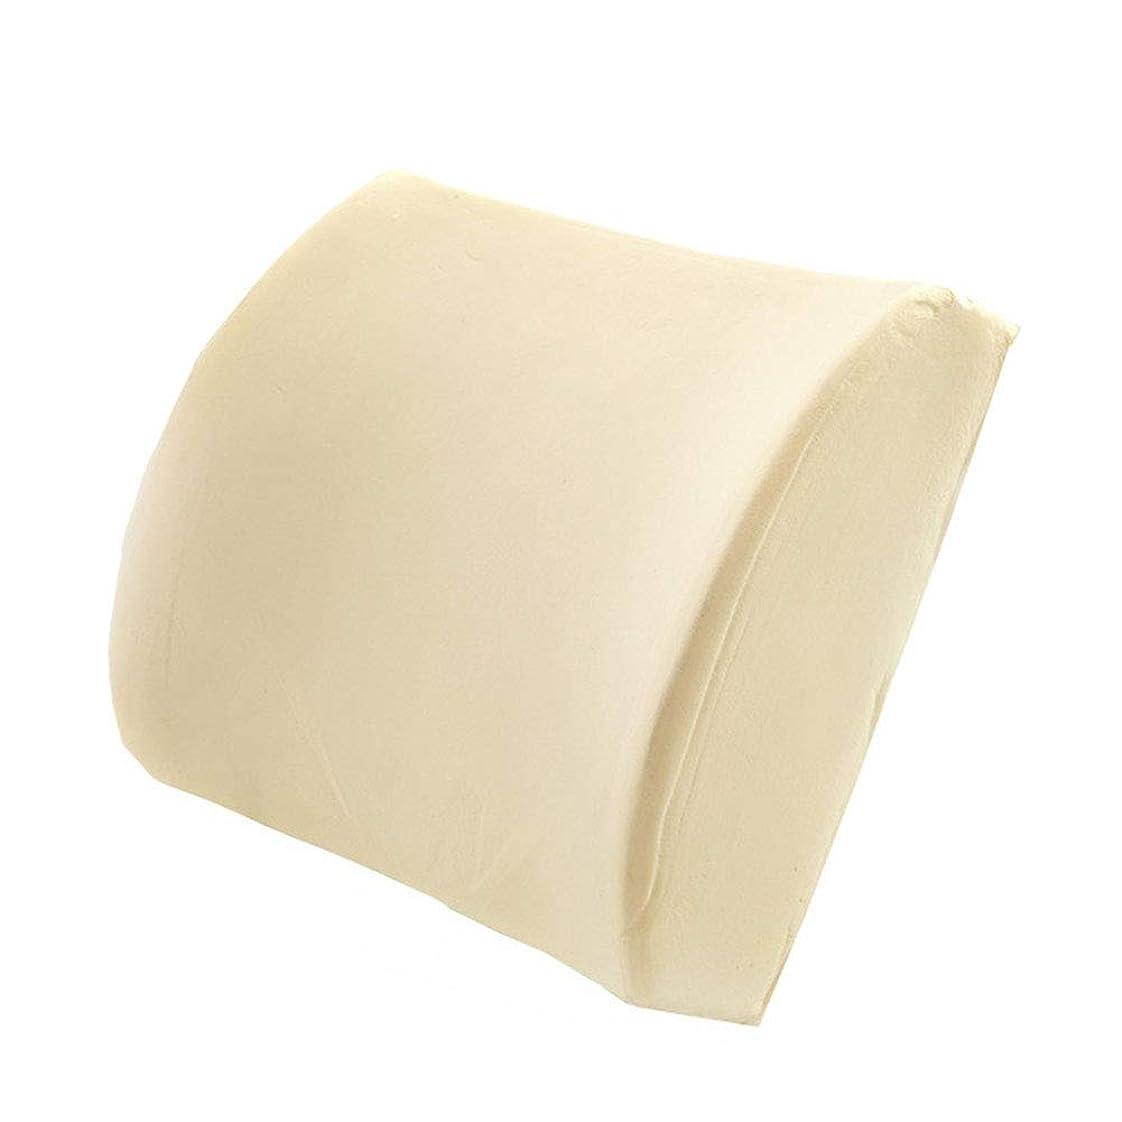 天国通知する排泄物サポート腰椎枕スペースメモリ綿腰椎腰肥厚オフィスクッションカーウエスト枕